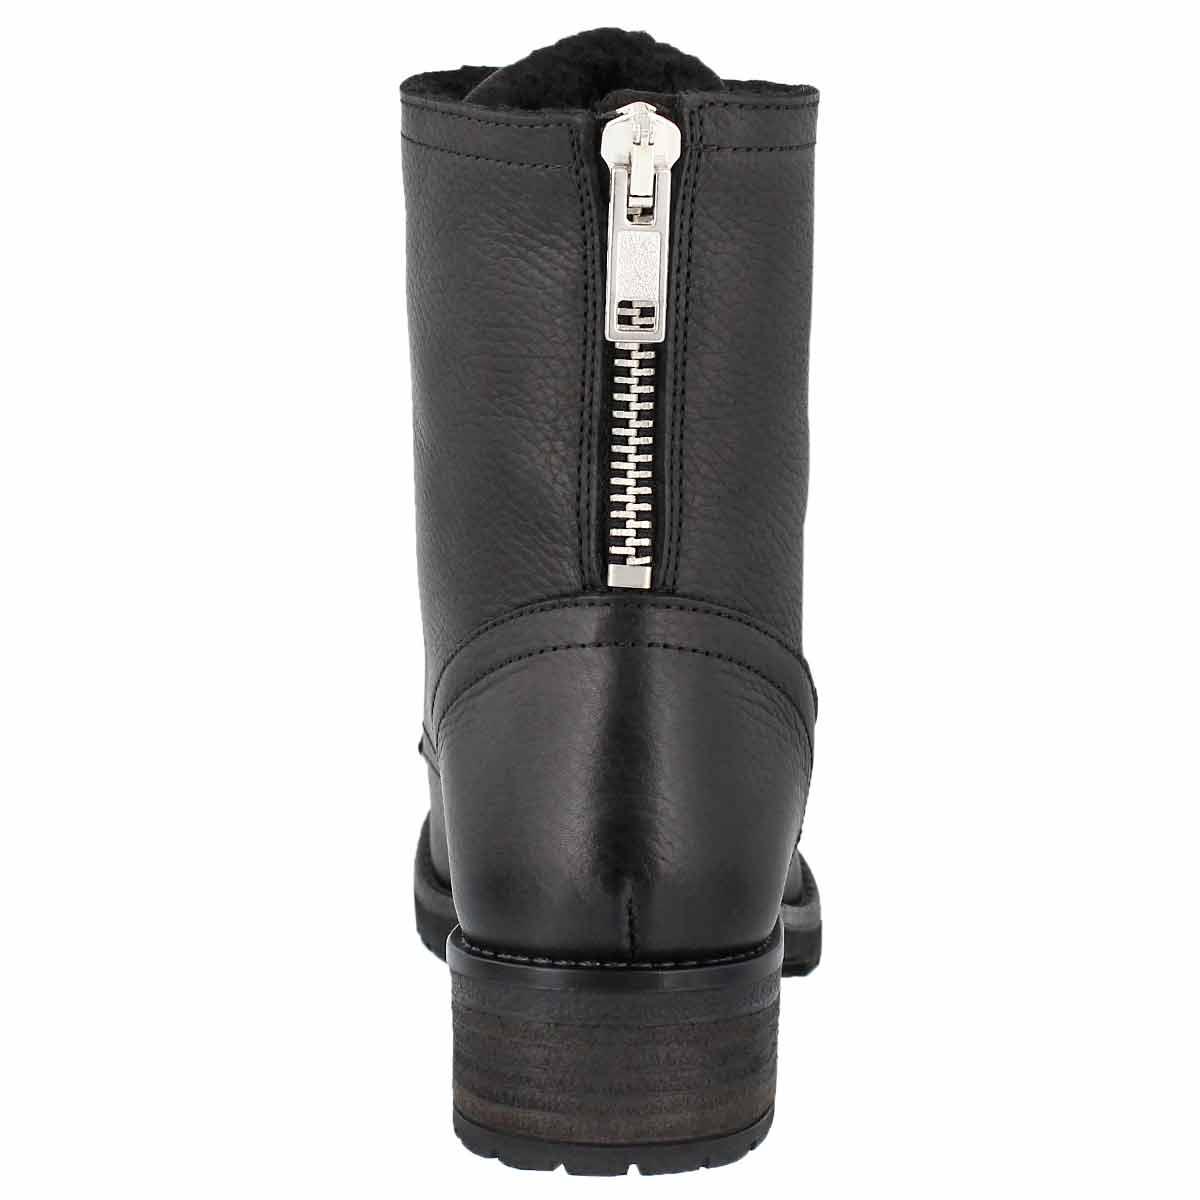 Lds Brionna black lace up combat boot